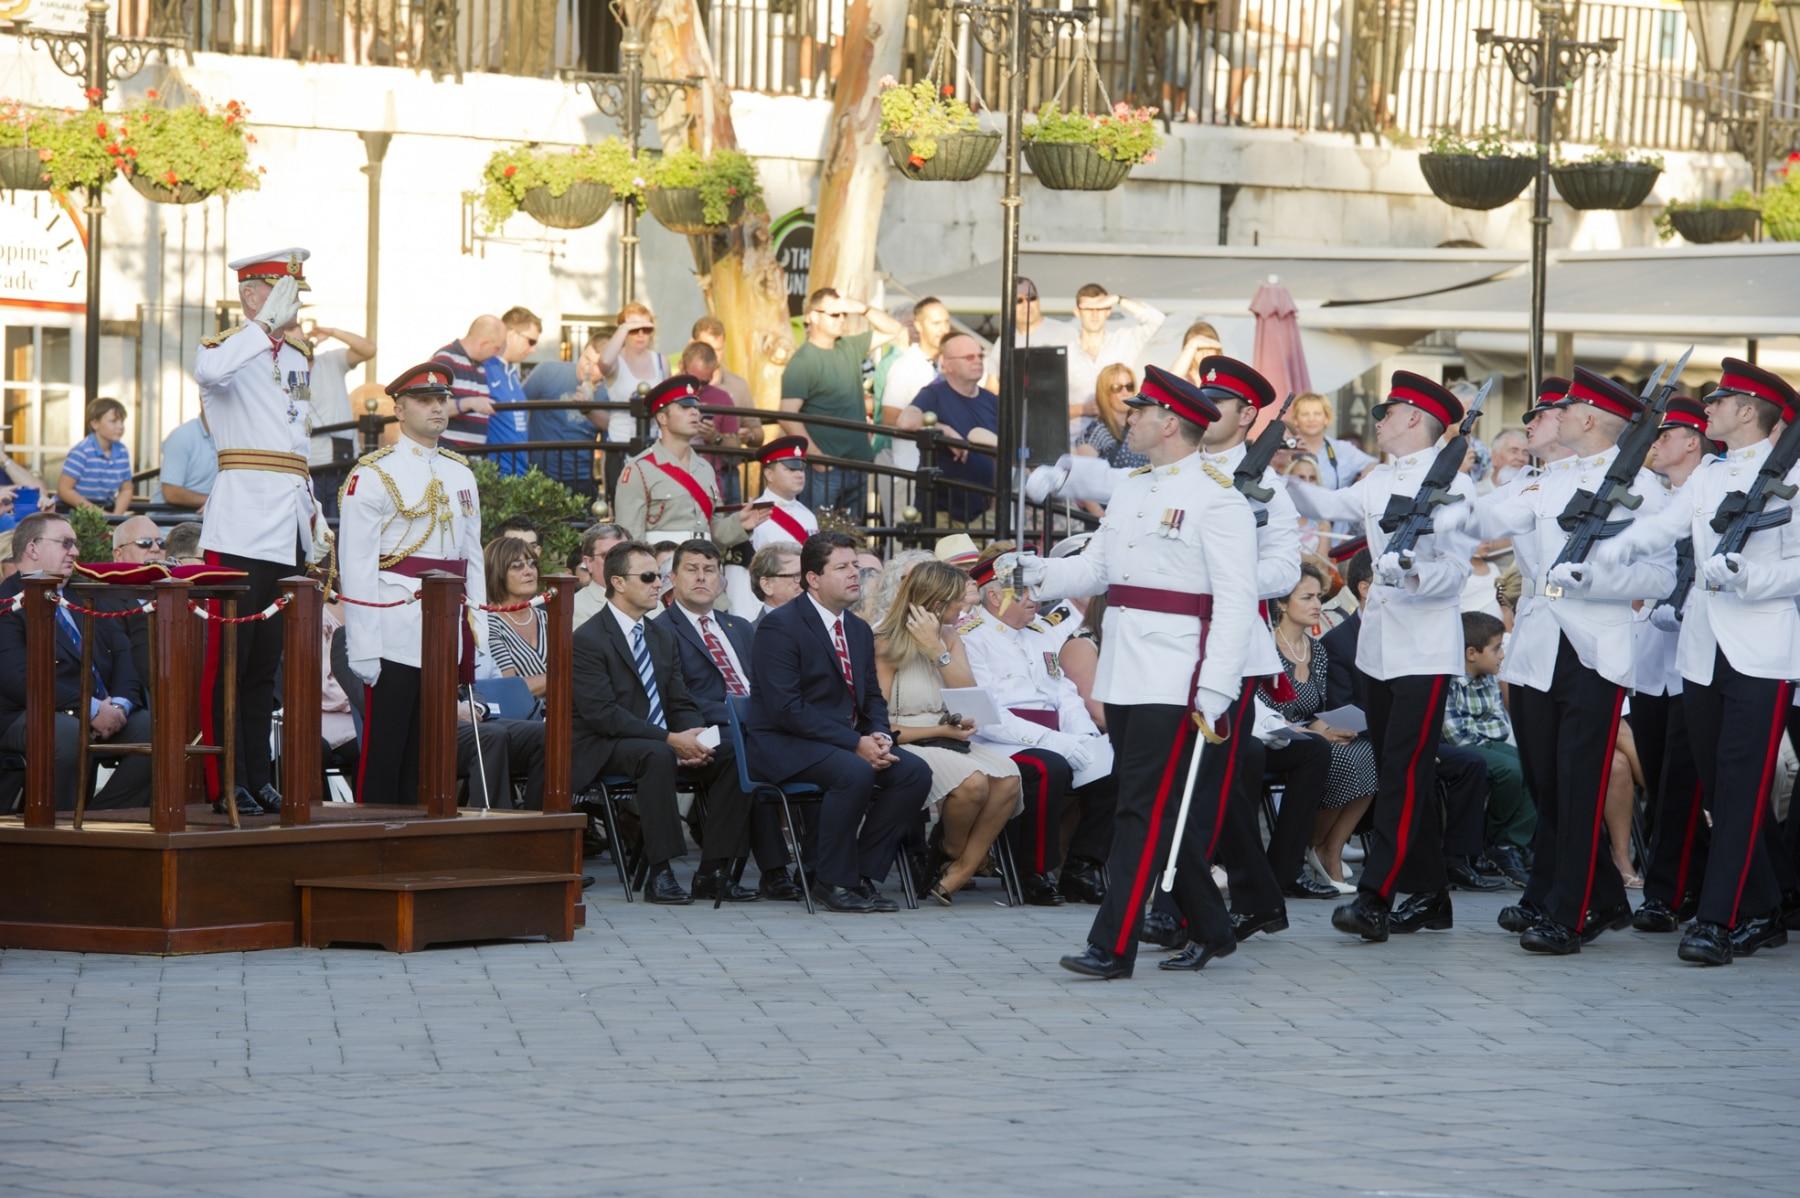 ceremonia-de-las-llaves-gibraltar-25092014-15_15334823496_o